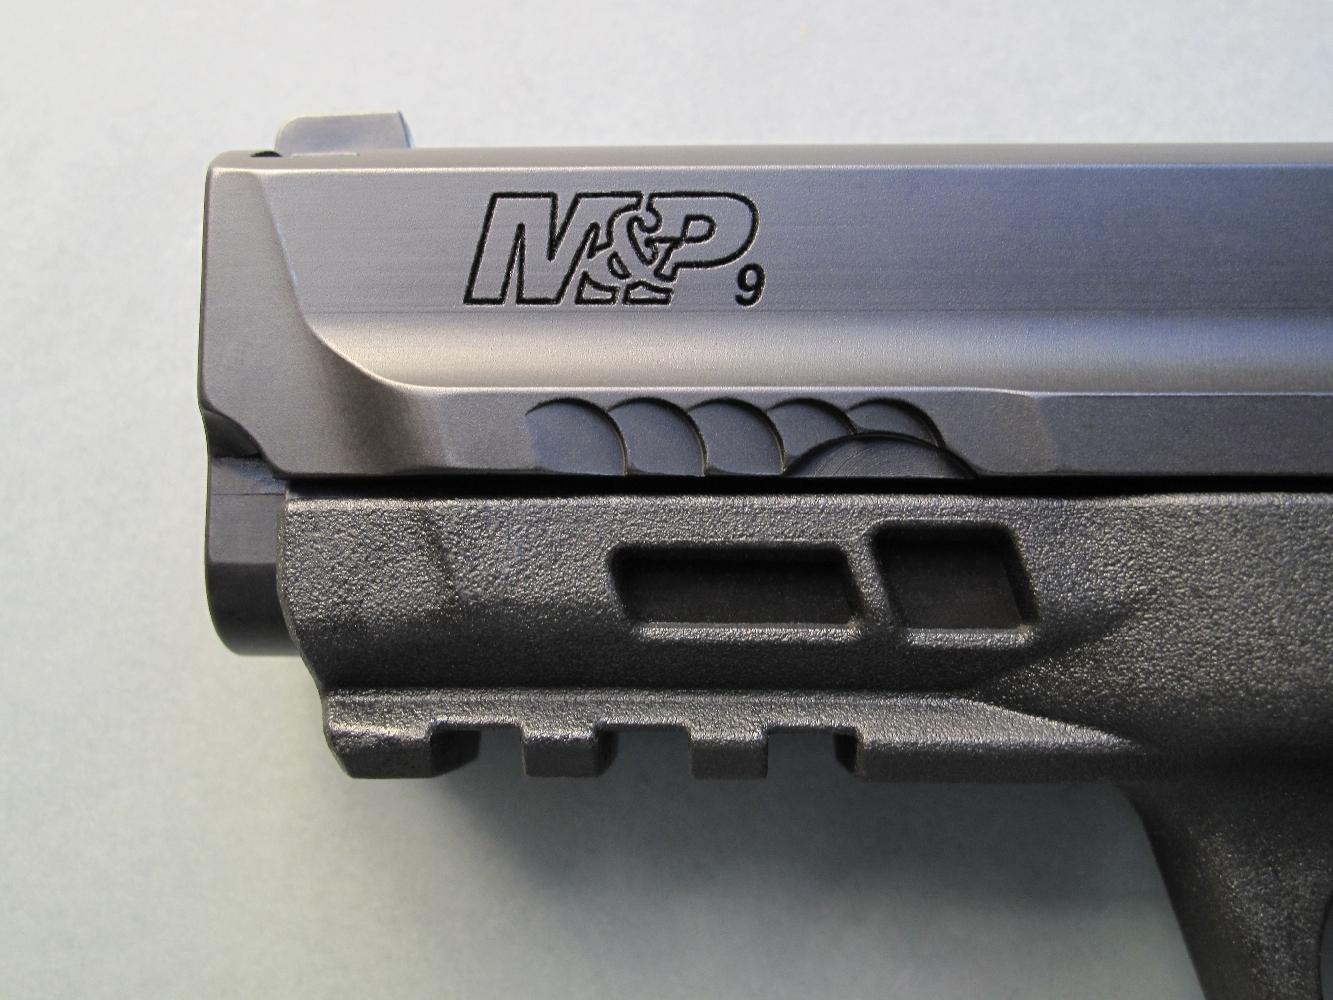 La dénomination du modèle est profondément gravée sur le flanc gauche de la culasse à glissière. On notera que la partie antérieure de la glissière bénéficie désormais de reliefs antidérapants réalisés au moyen d'usinages en arc de cercle.